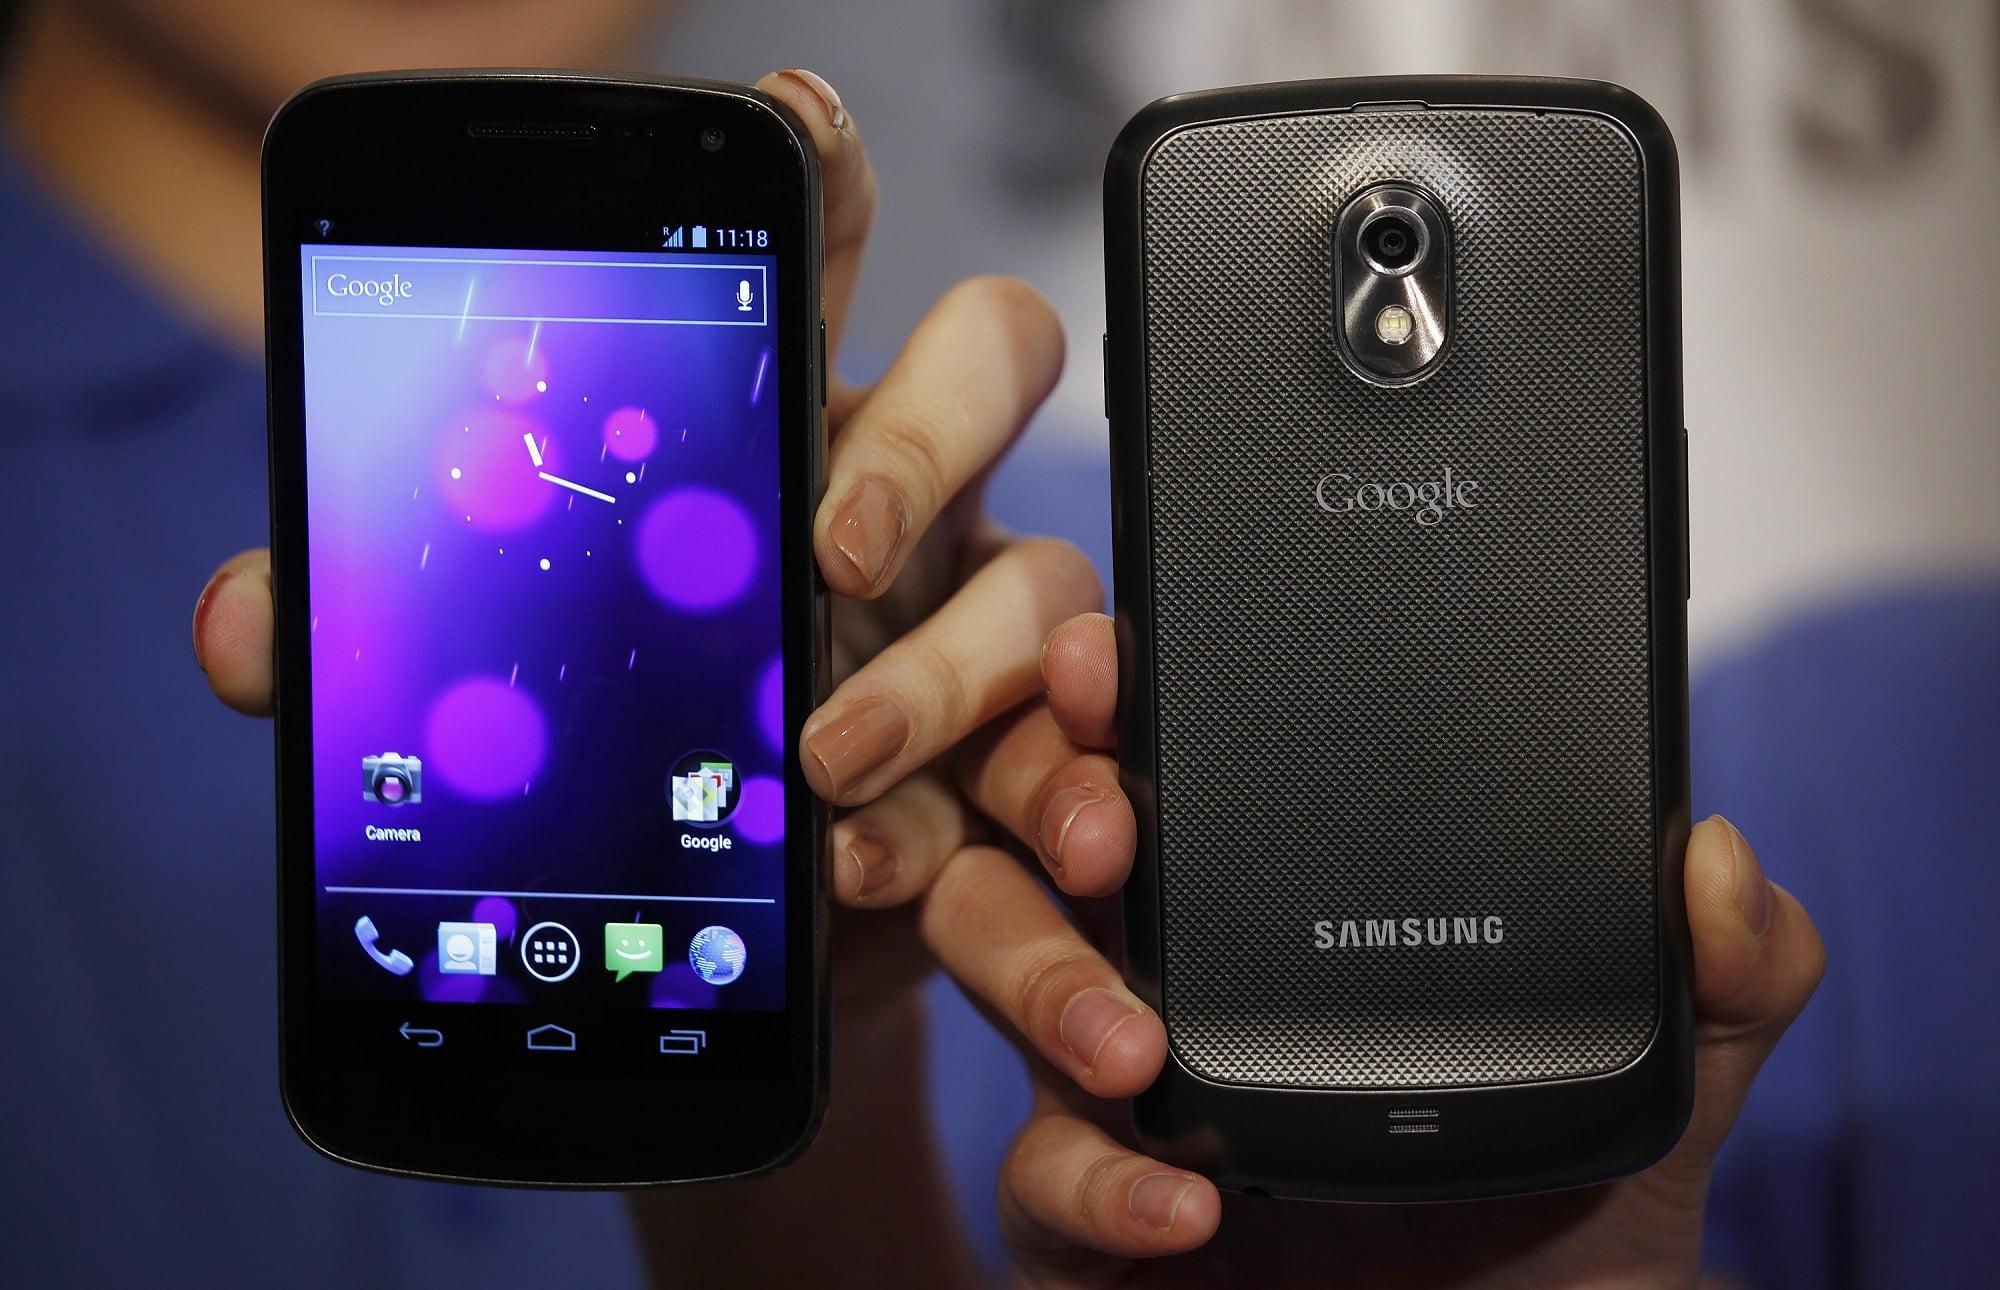 Samsung y Google firmaron acuerdo de cooperación de patentes por 10 años.